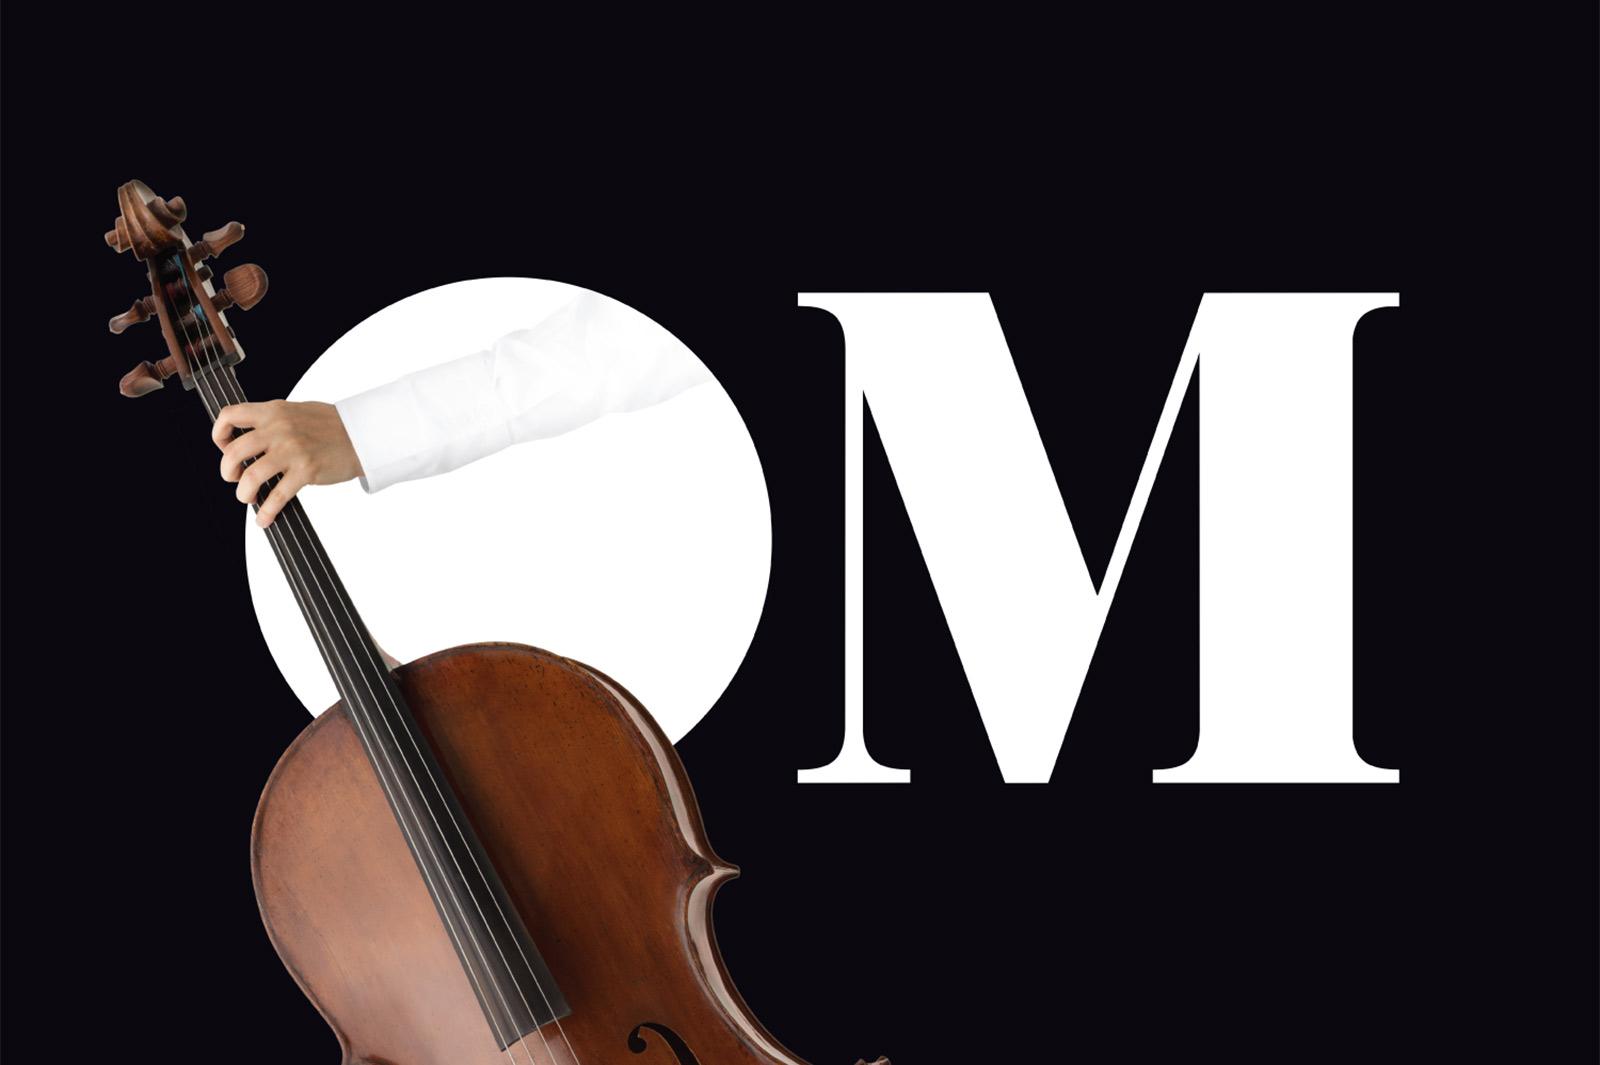 Orchestre métropolitain molinari pictures at an exhibition